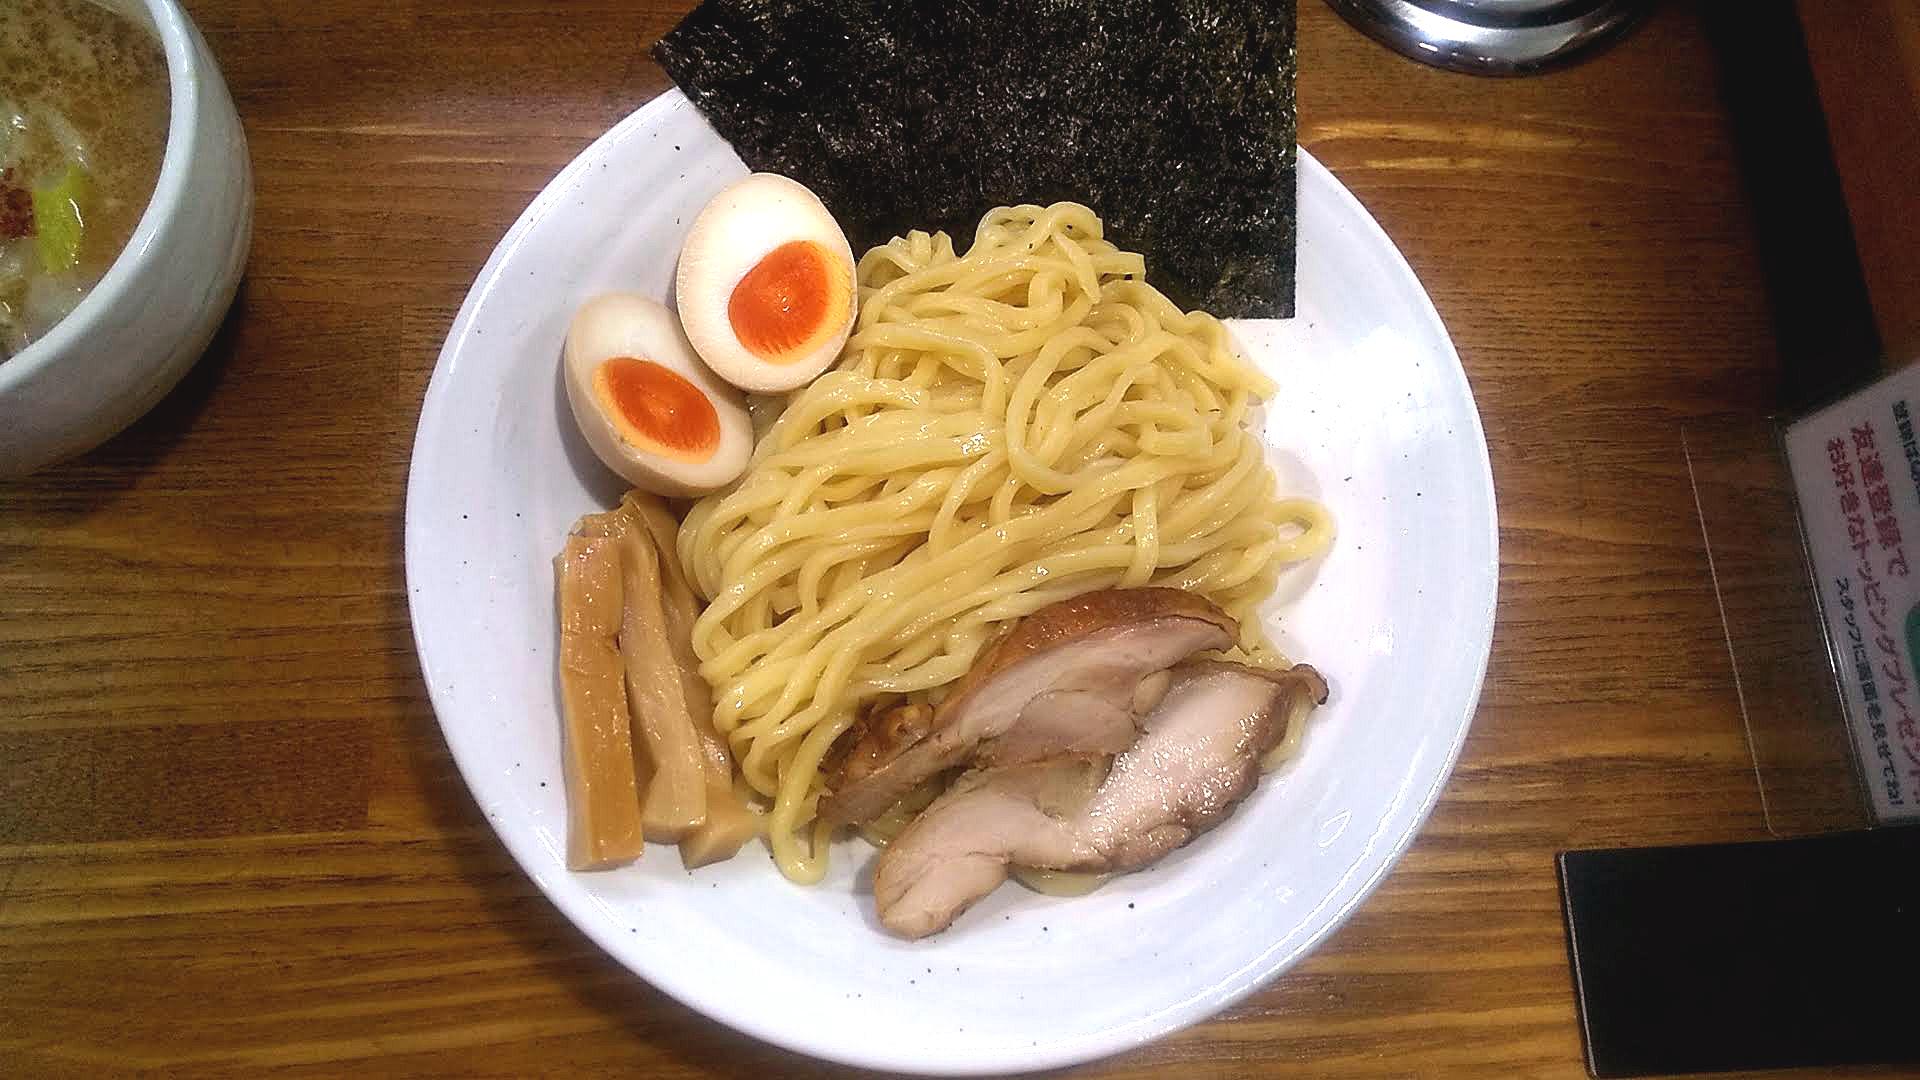 上海麺館の特製鶏つけ麺の麺皿の写真